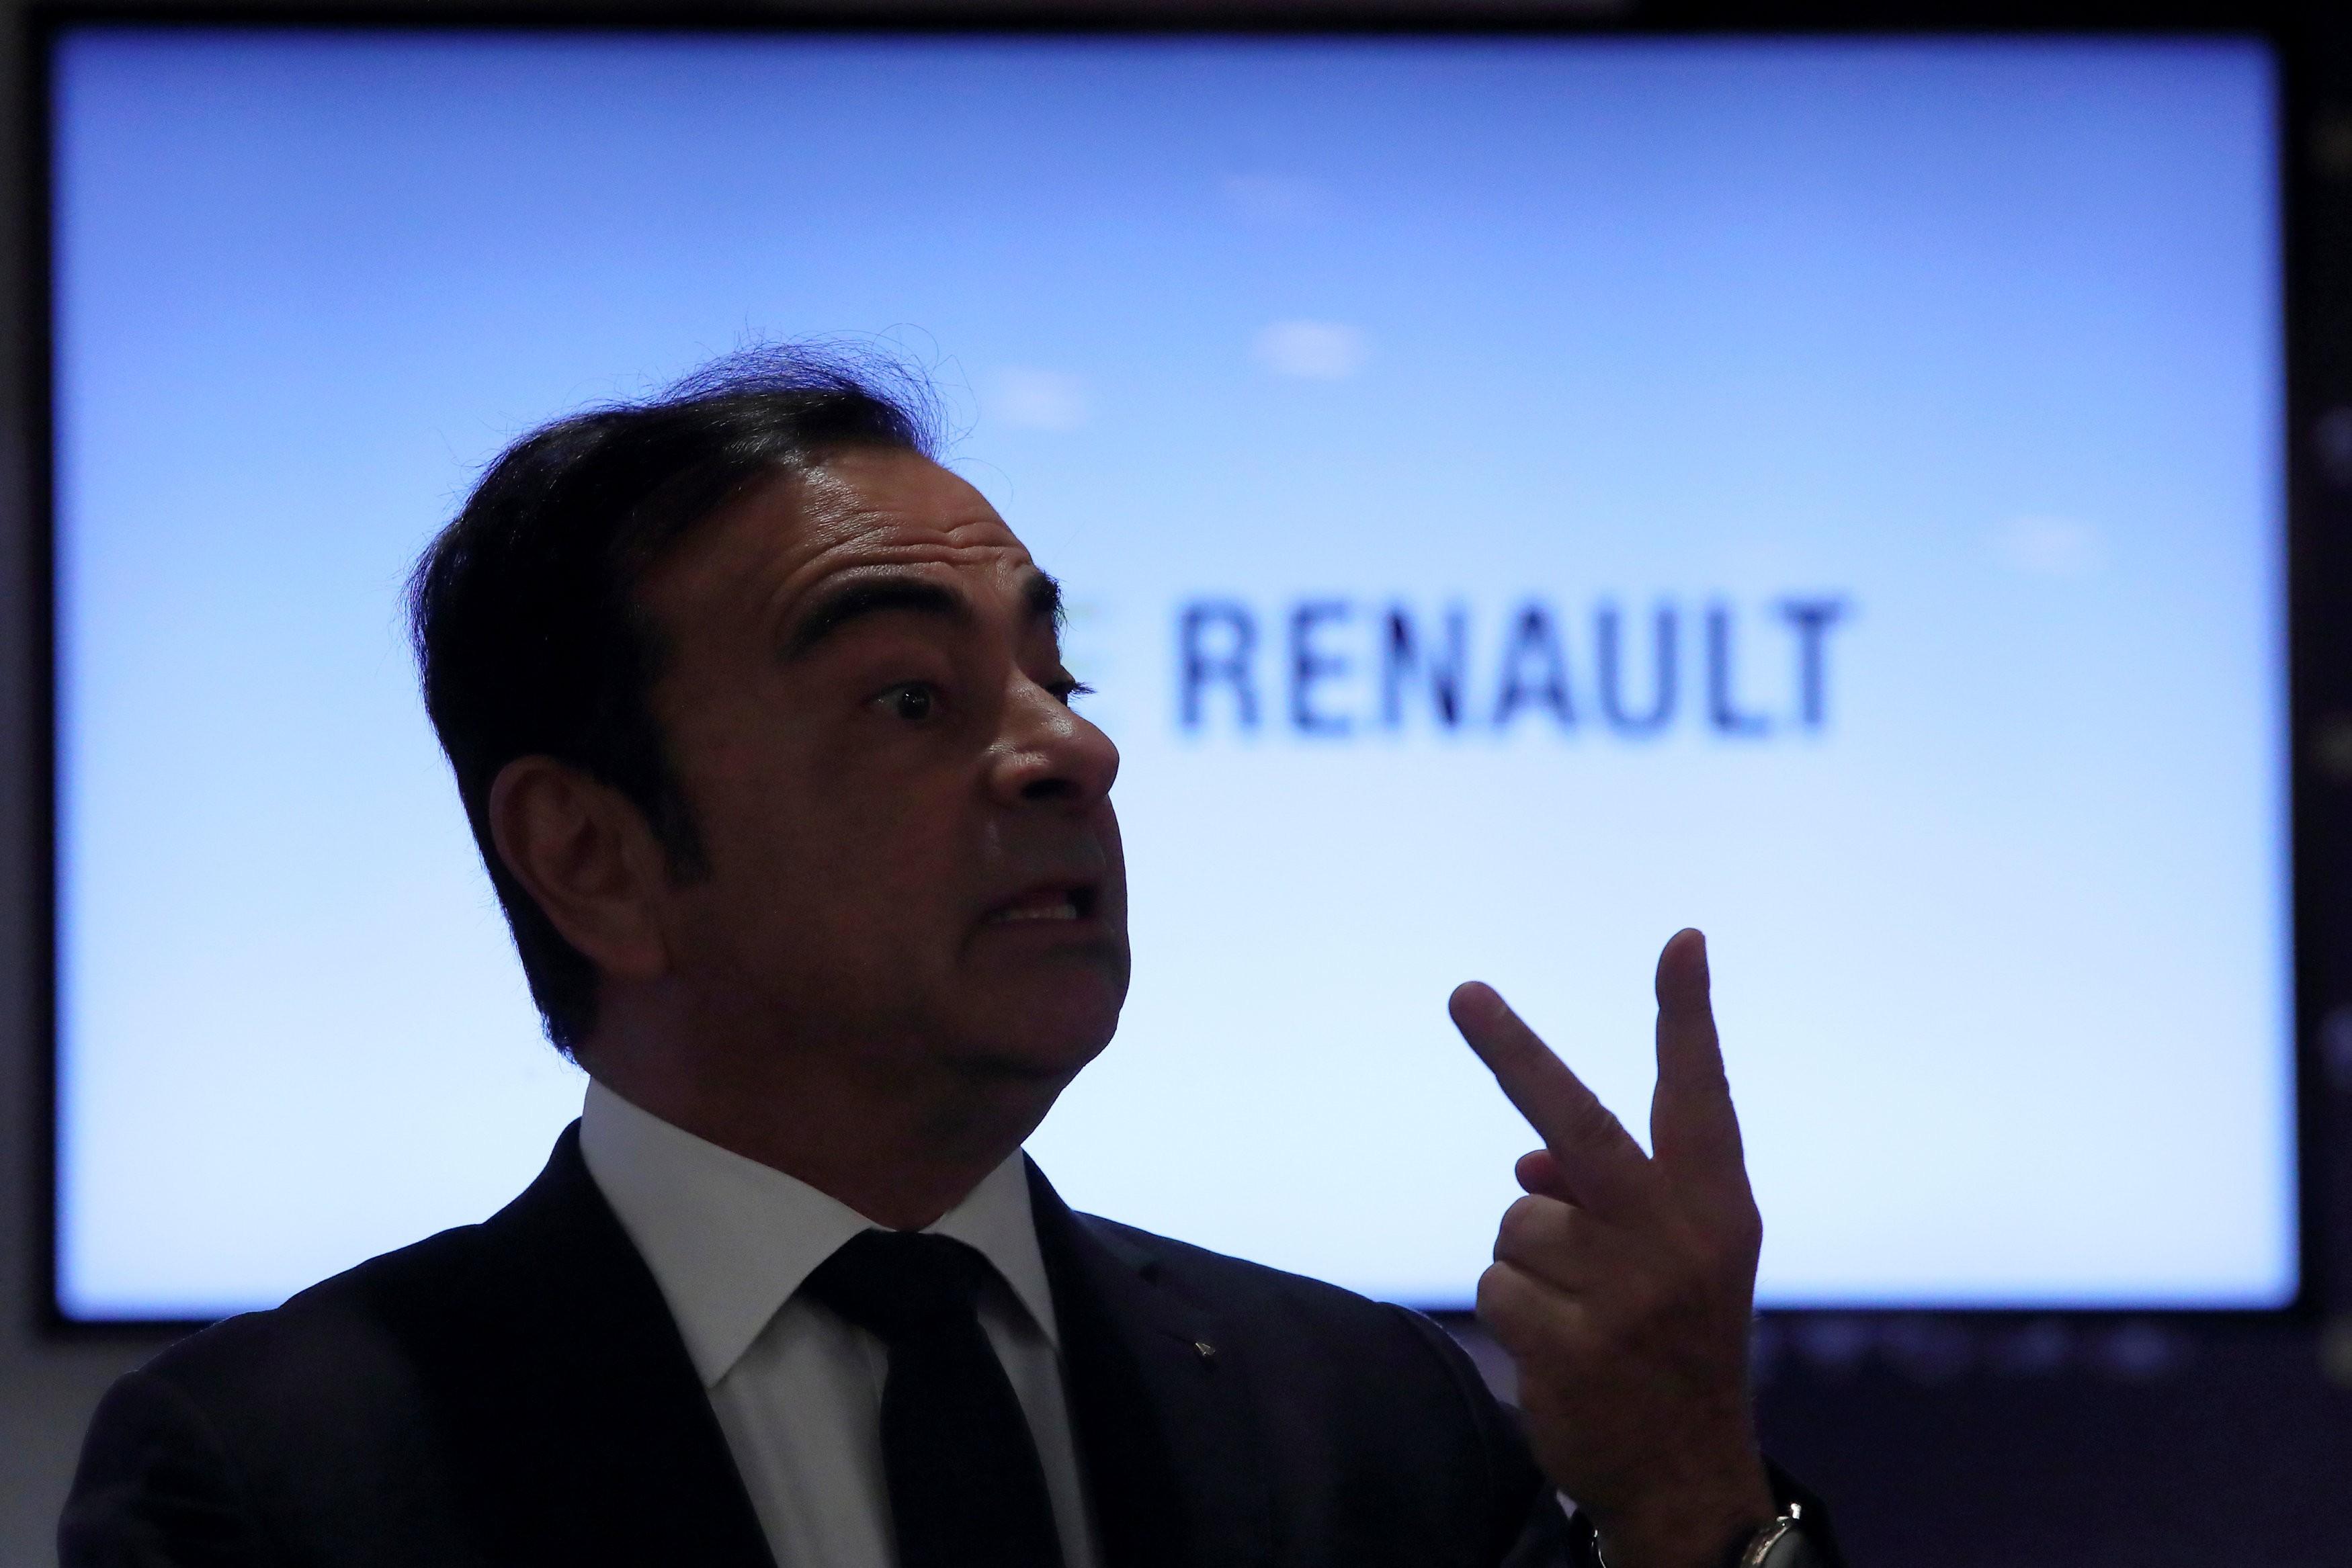 Governo da França pede substituição temporária de Ghosn no comando da Renault